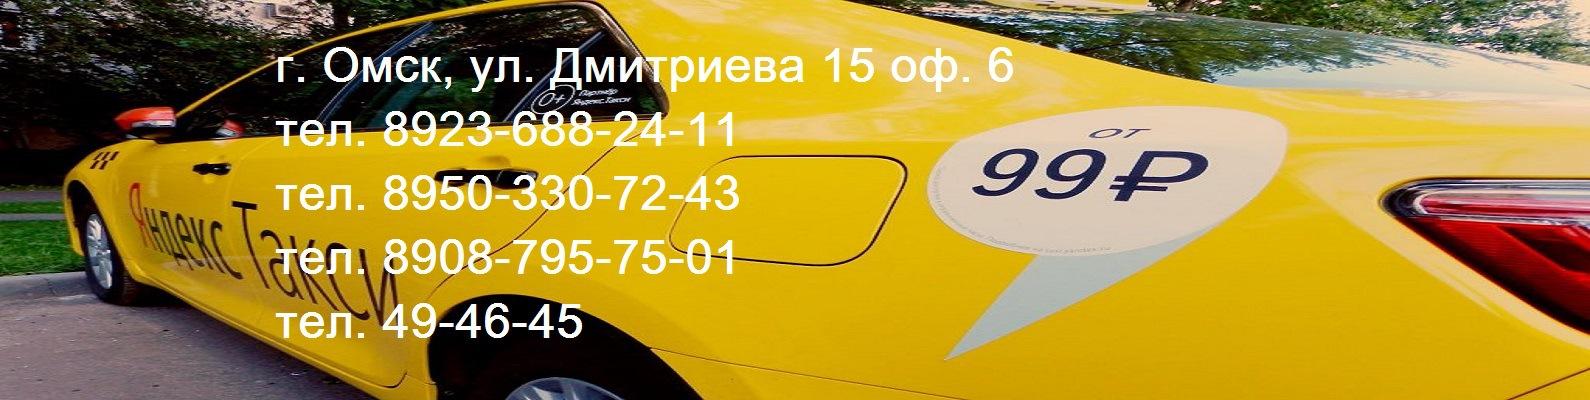 Работа водителем вгороде омске